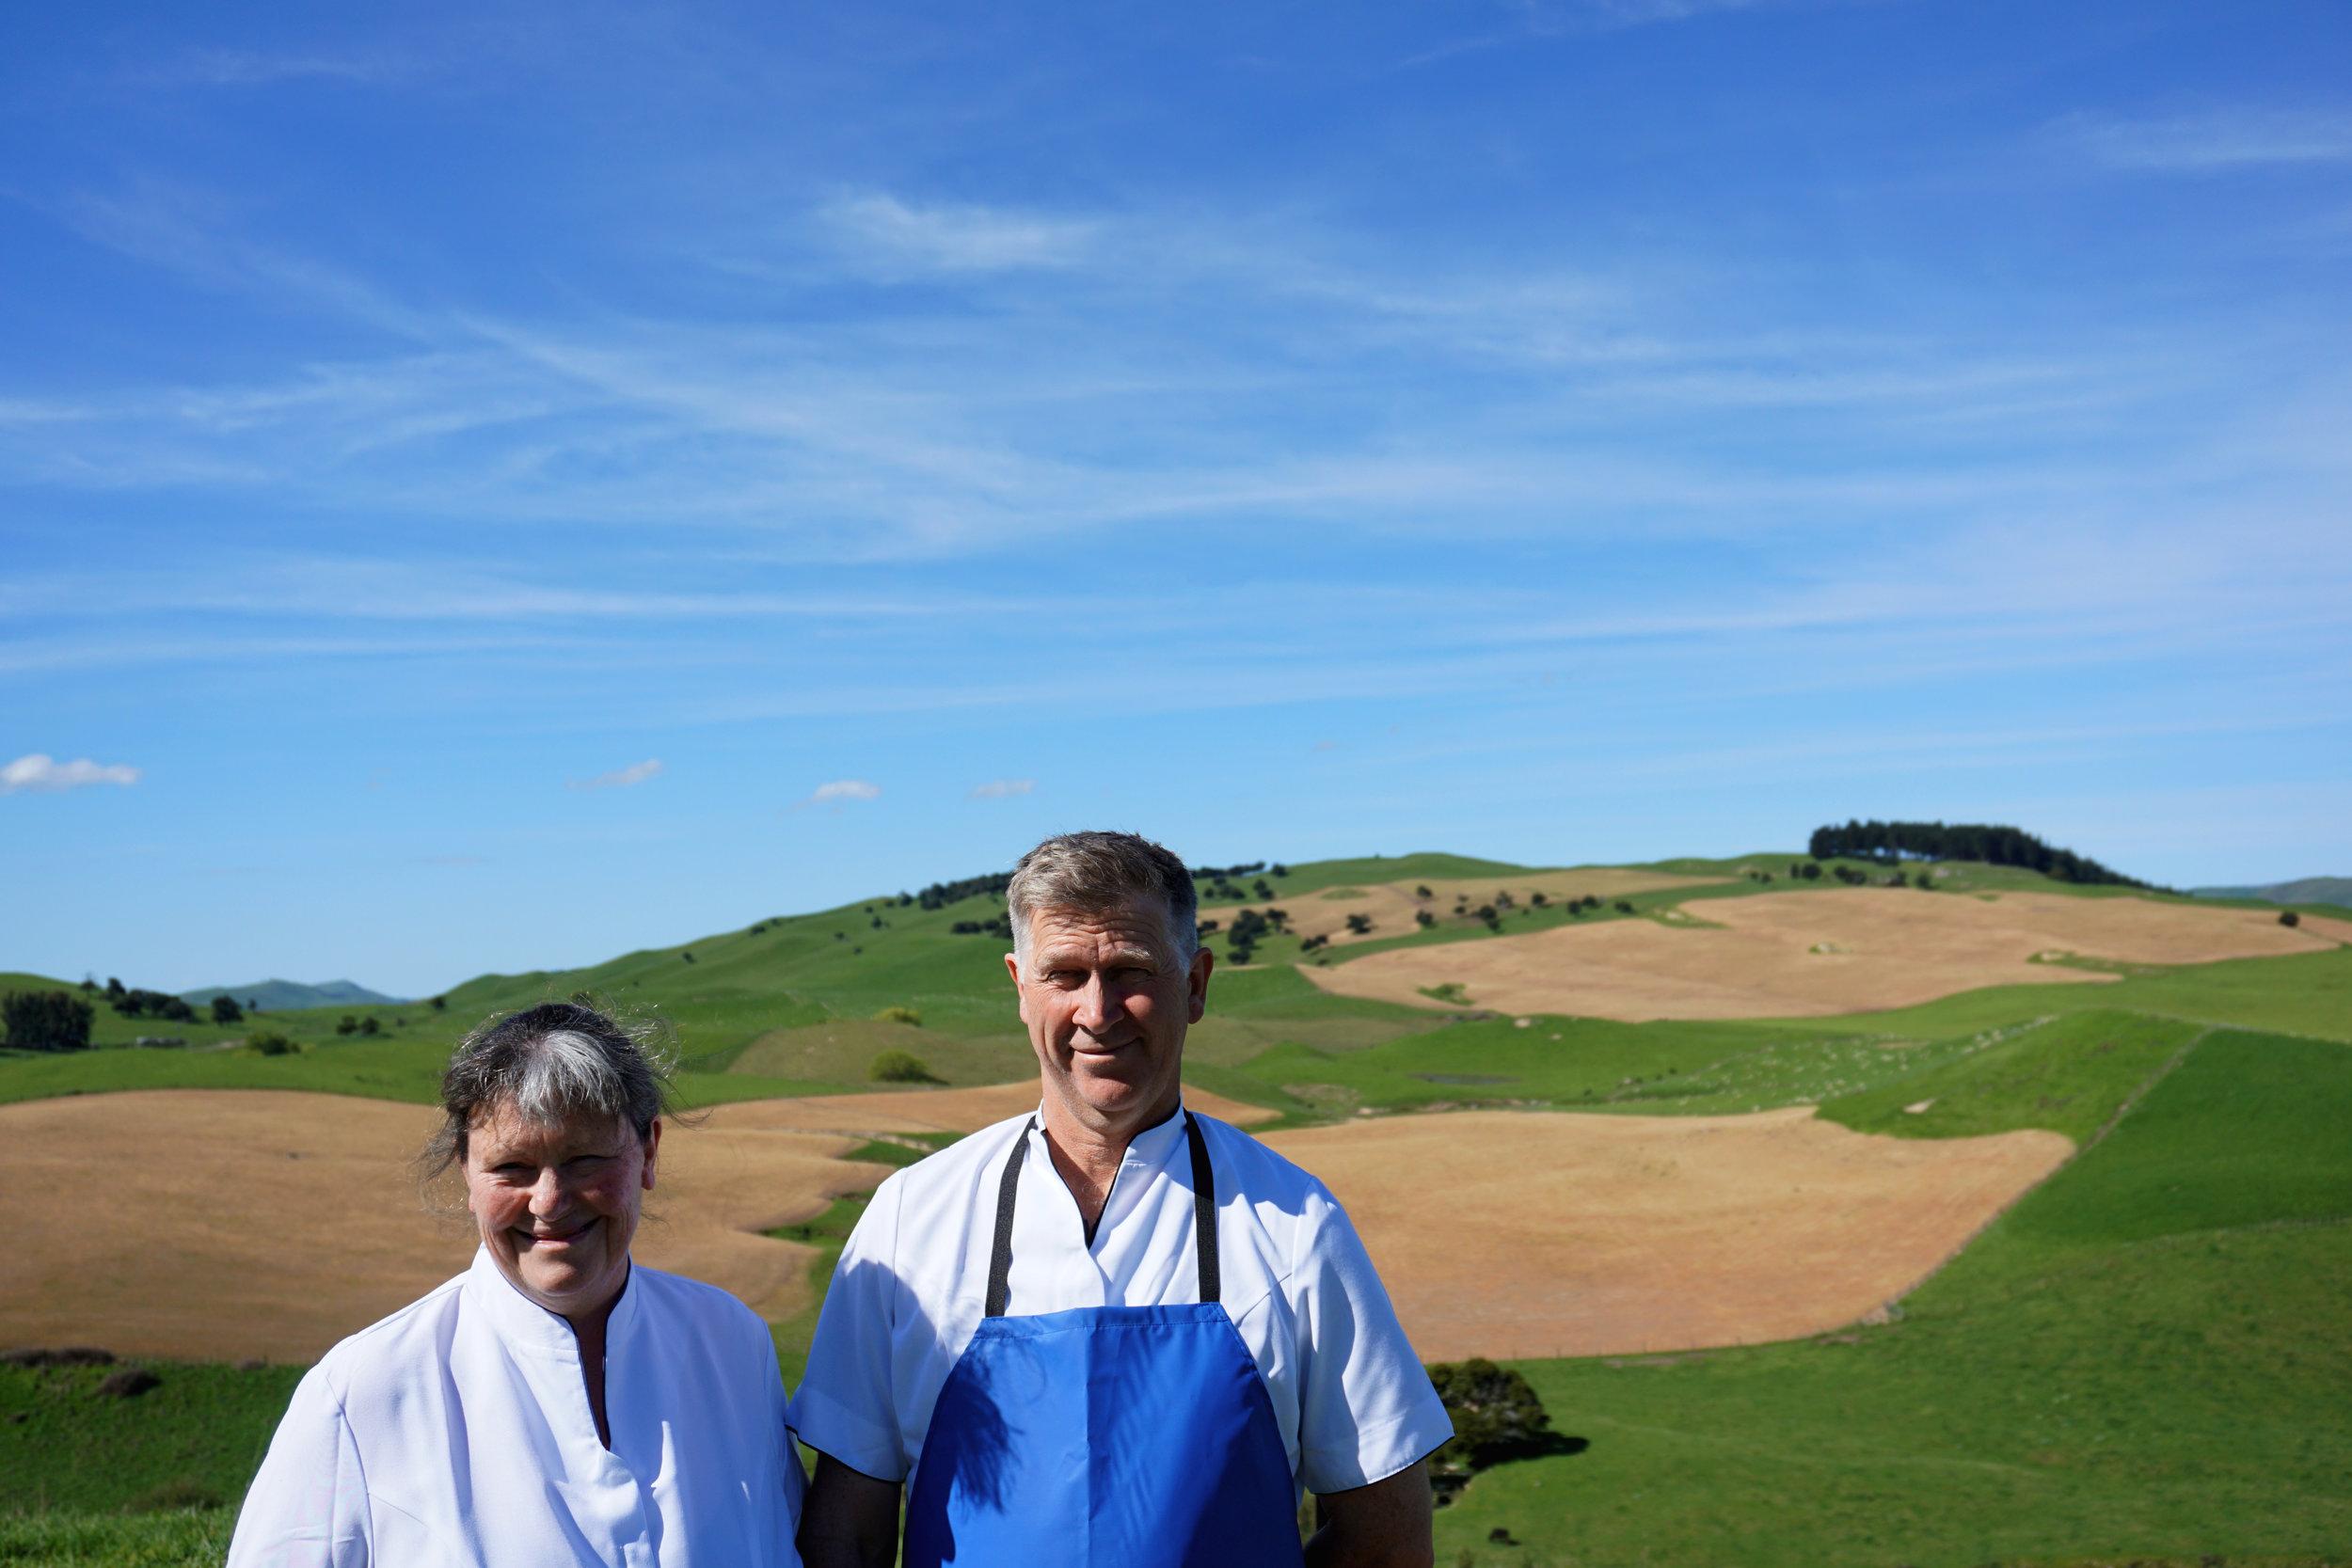 Meet the Cheesemakers - Ann & Geoff Nieuwenhuis